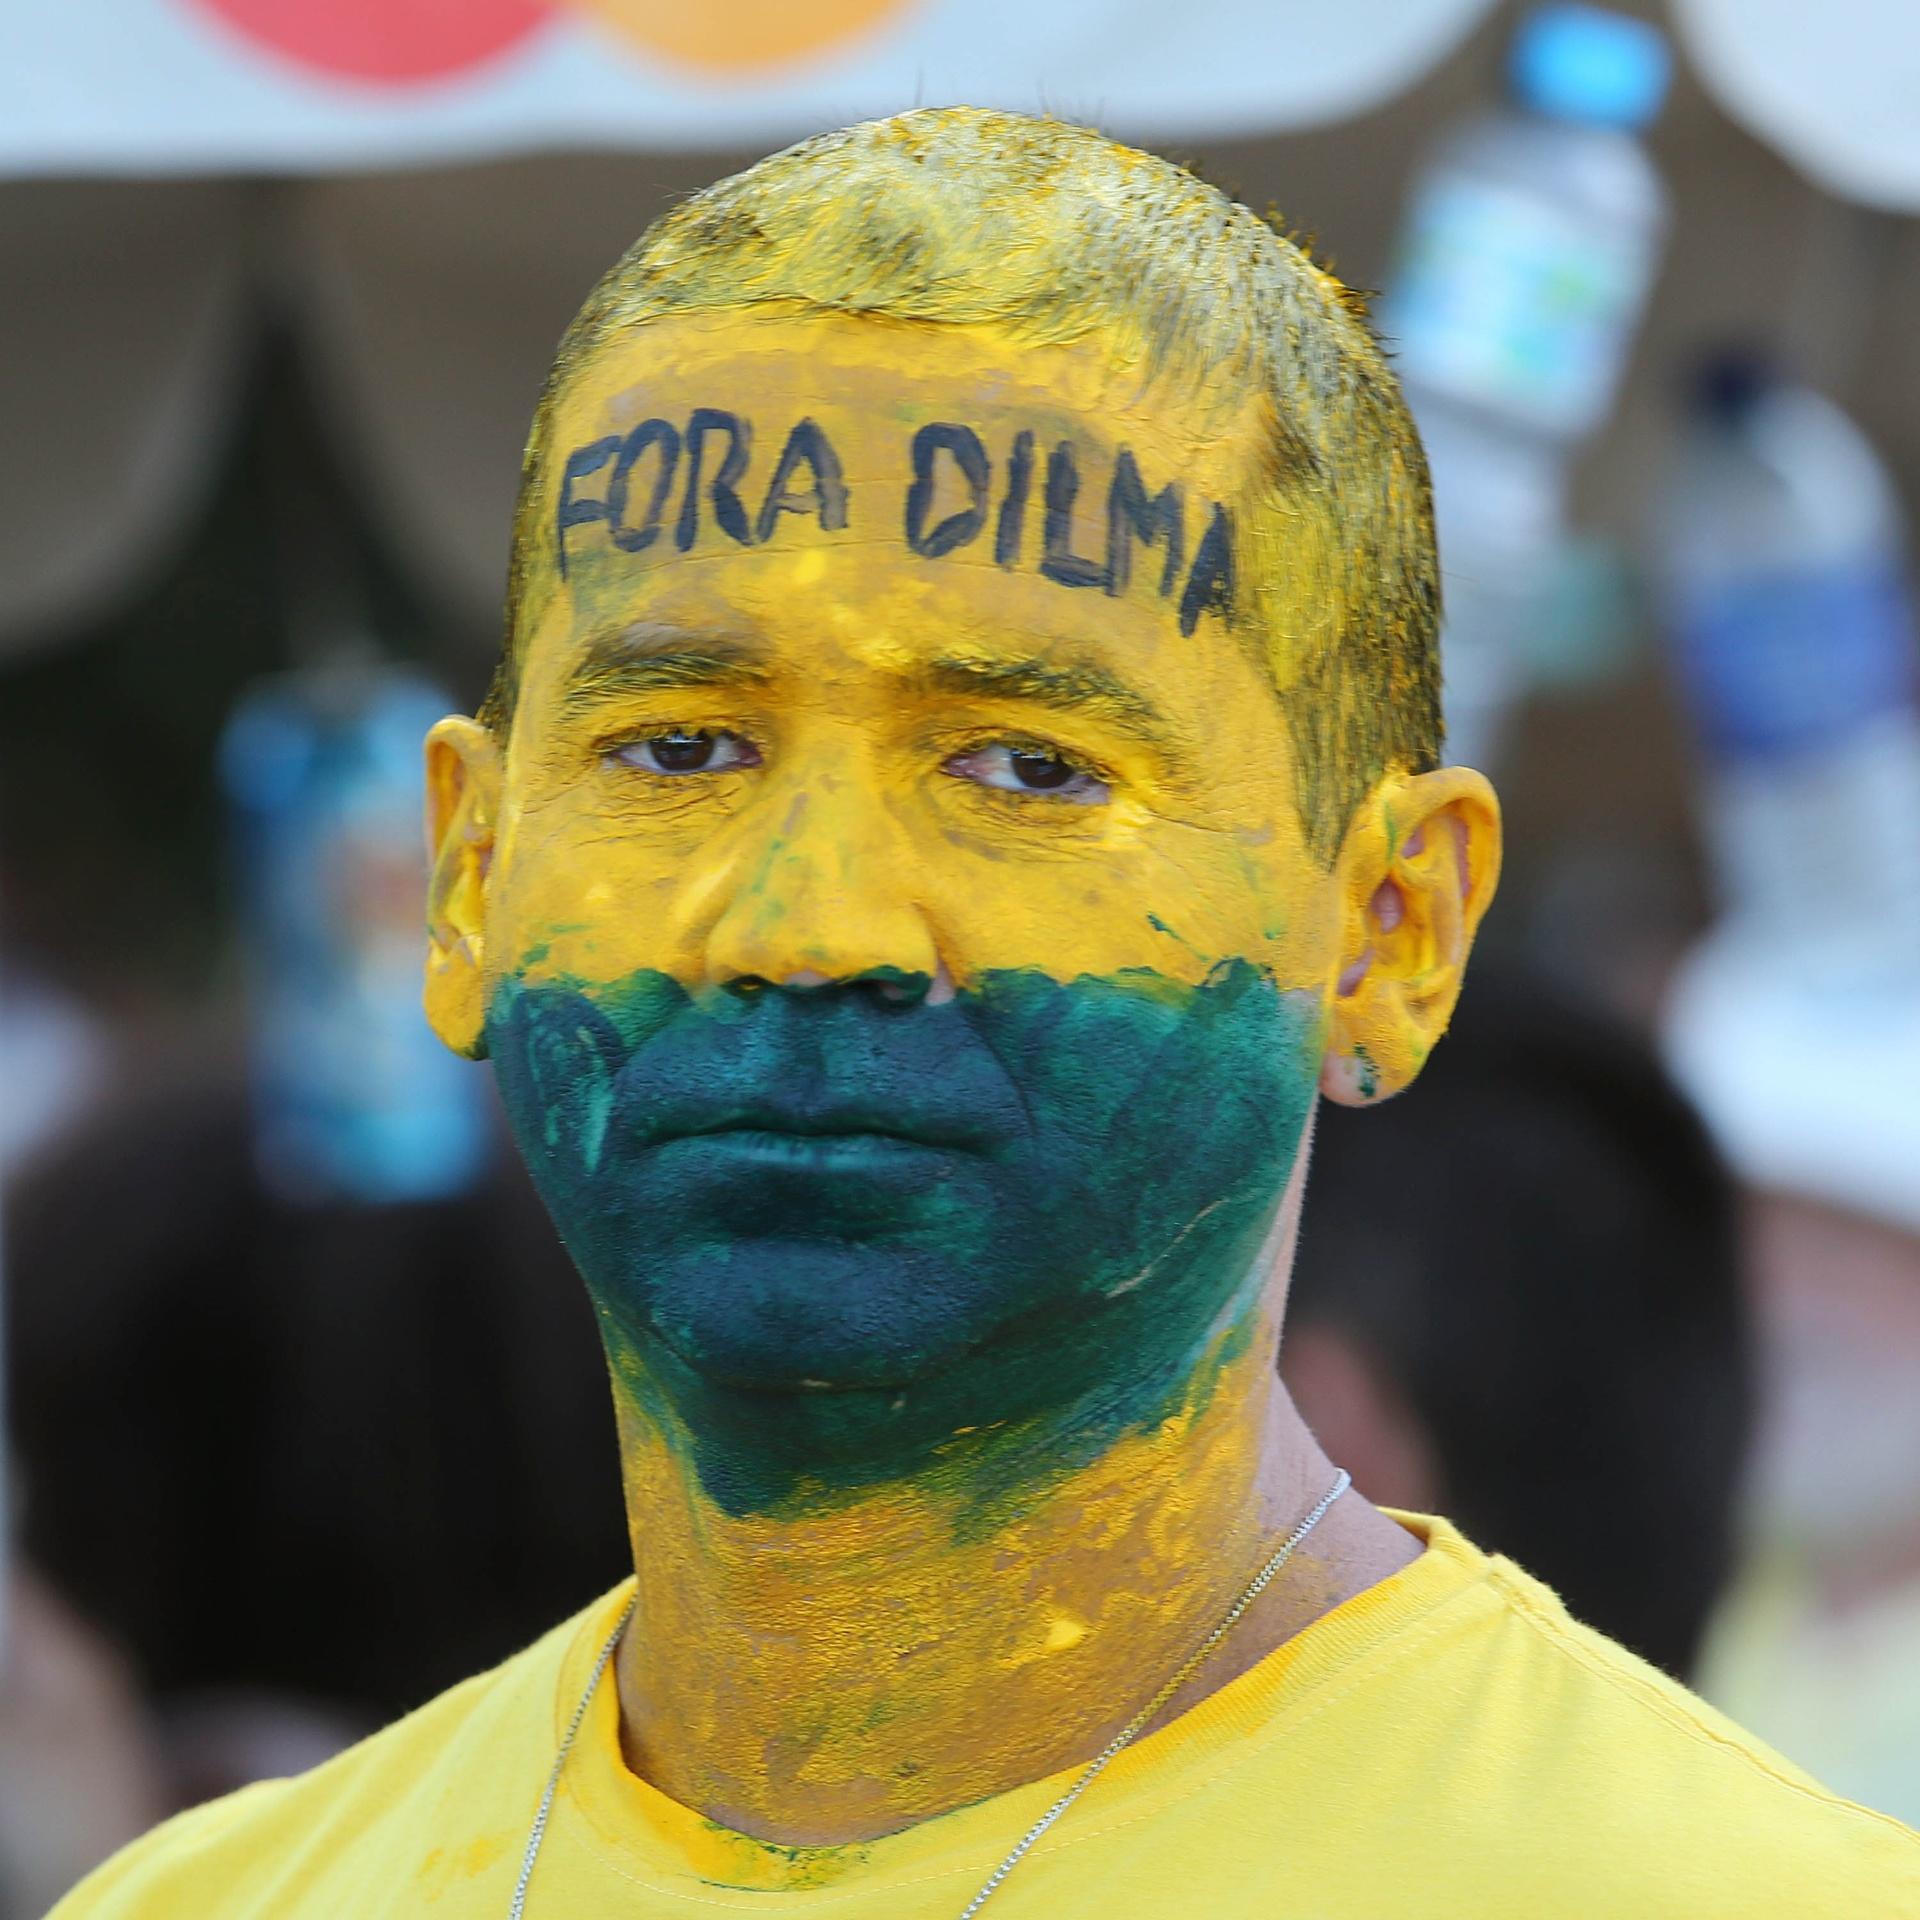 Copa do Mundo 2018  Desempenho da seleção na Copa pode ajudar alguém nas  eleições  - UOL Copa do Mundo 2018 de2b139ea8de0